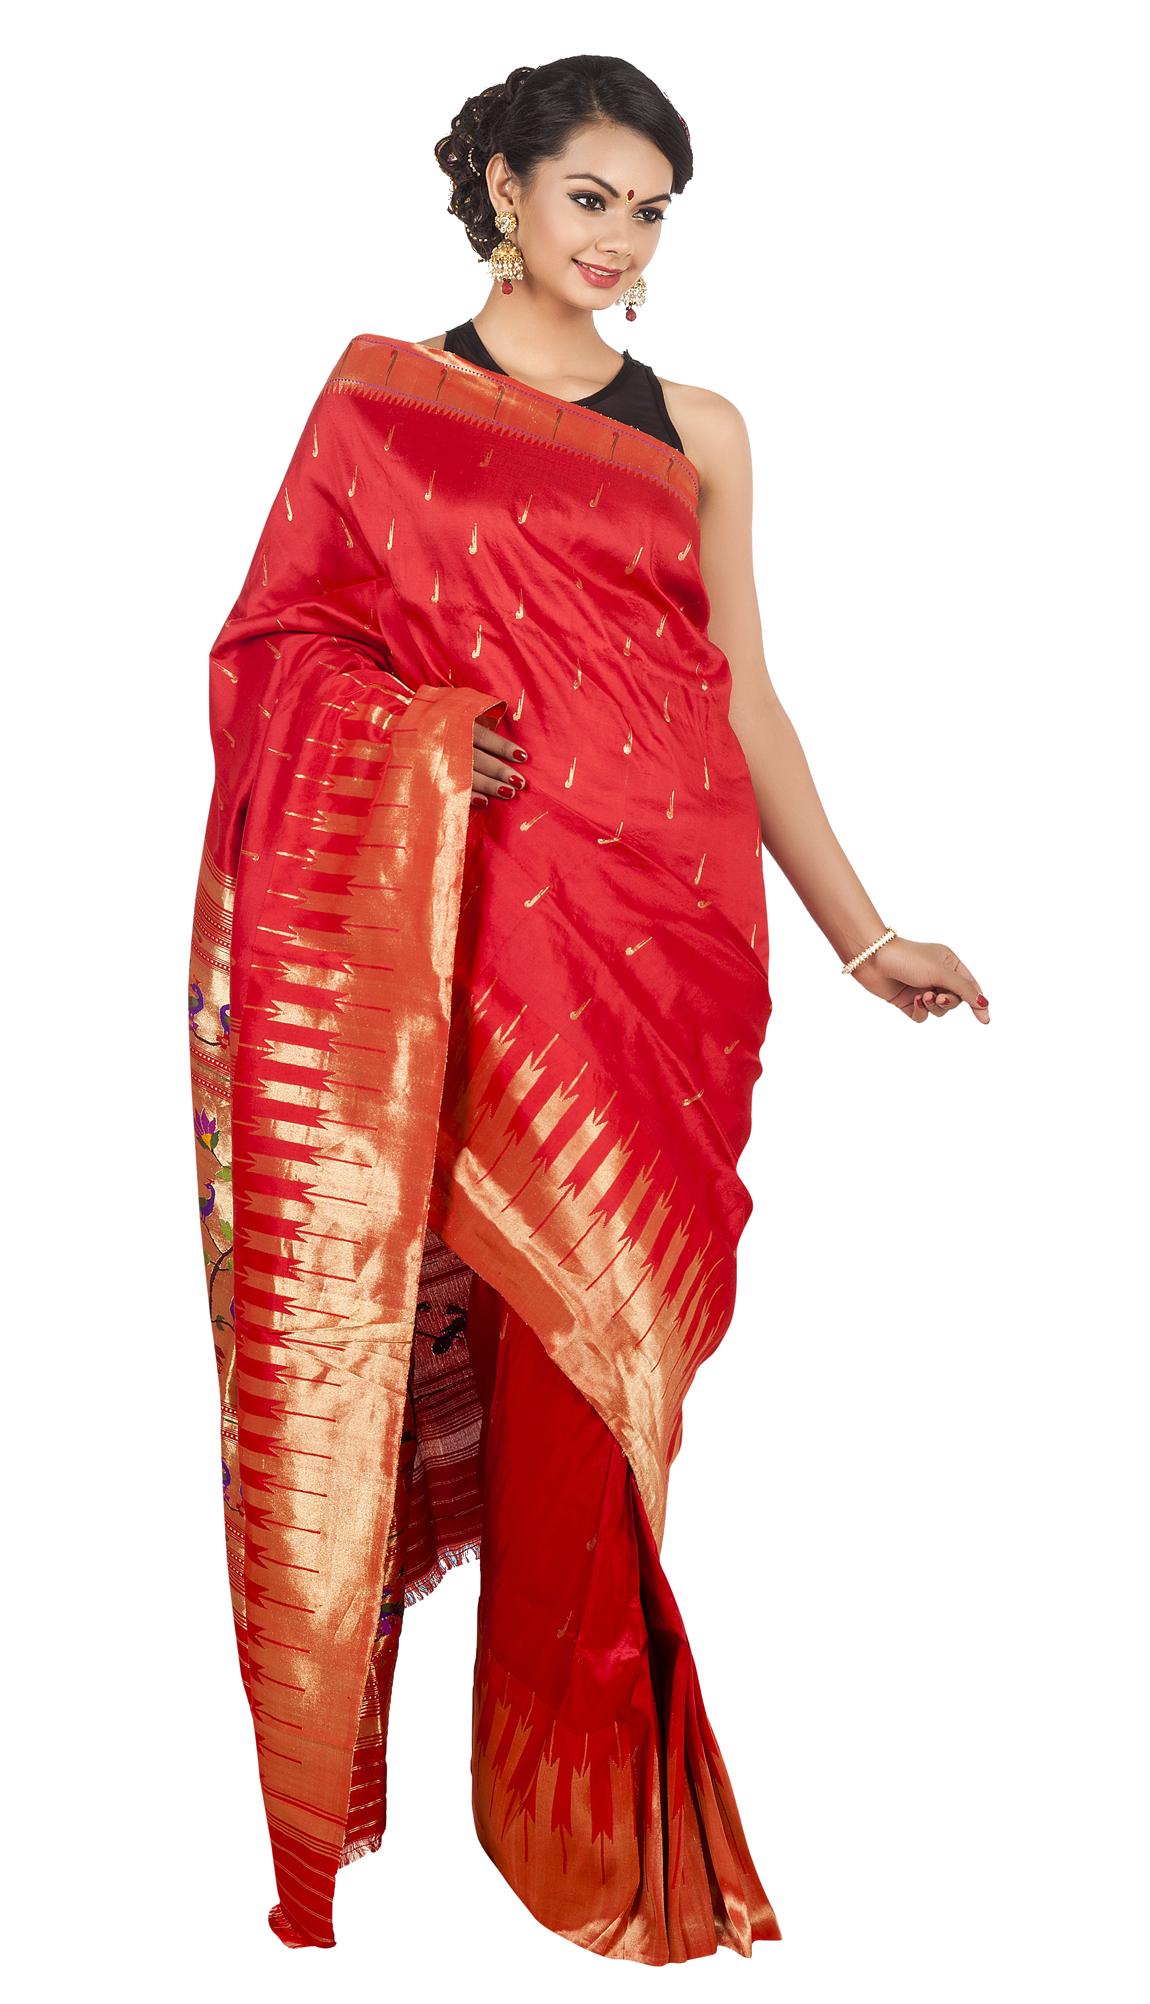 Wedding Saree PNG Transparent Image - Yoga PNG